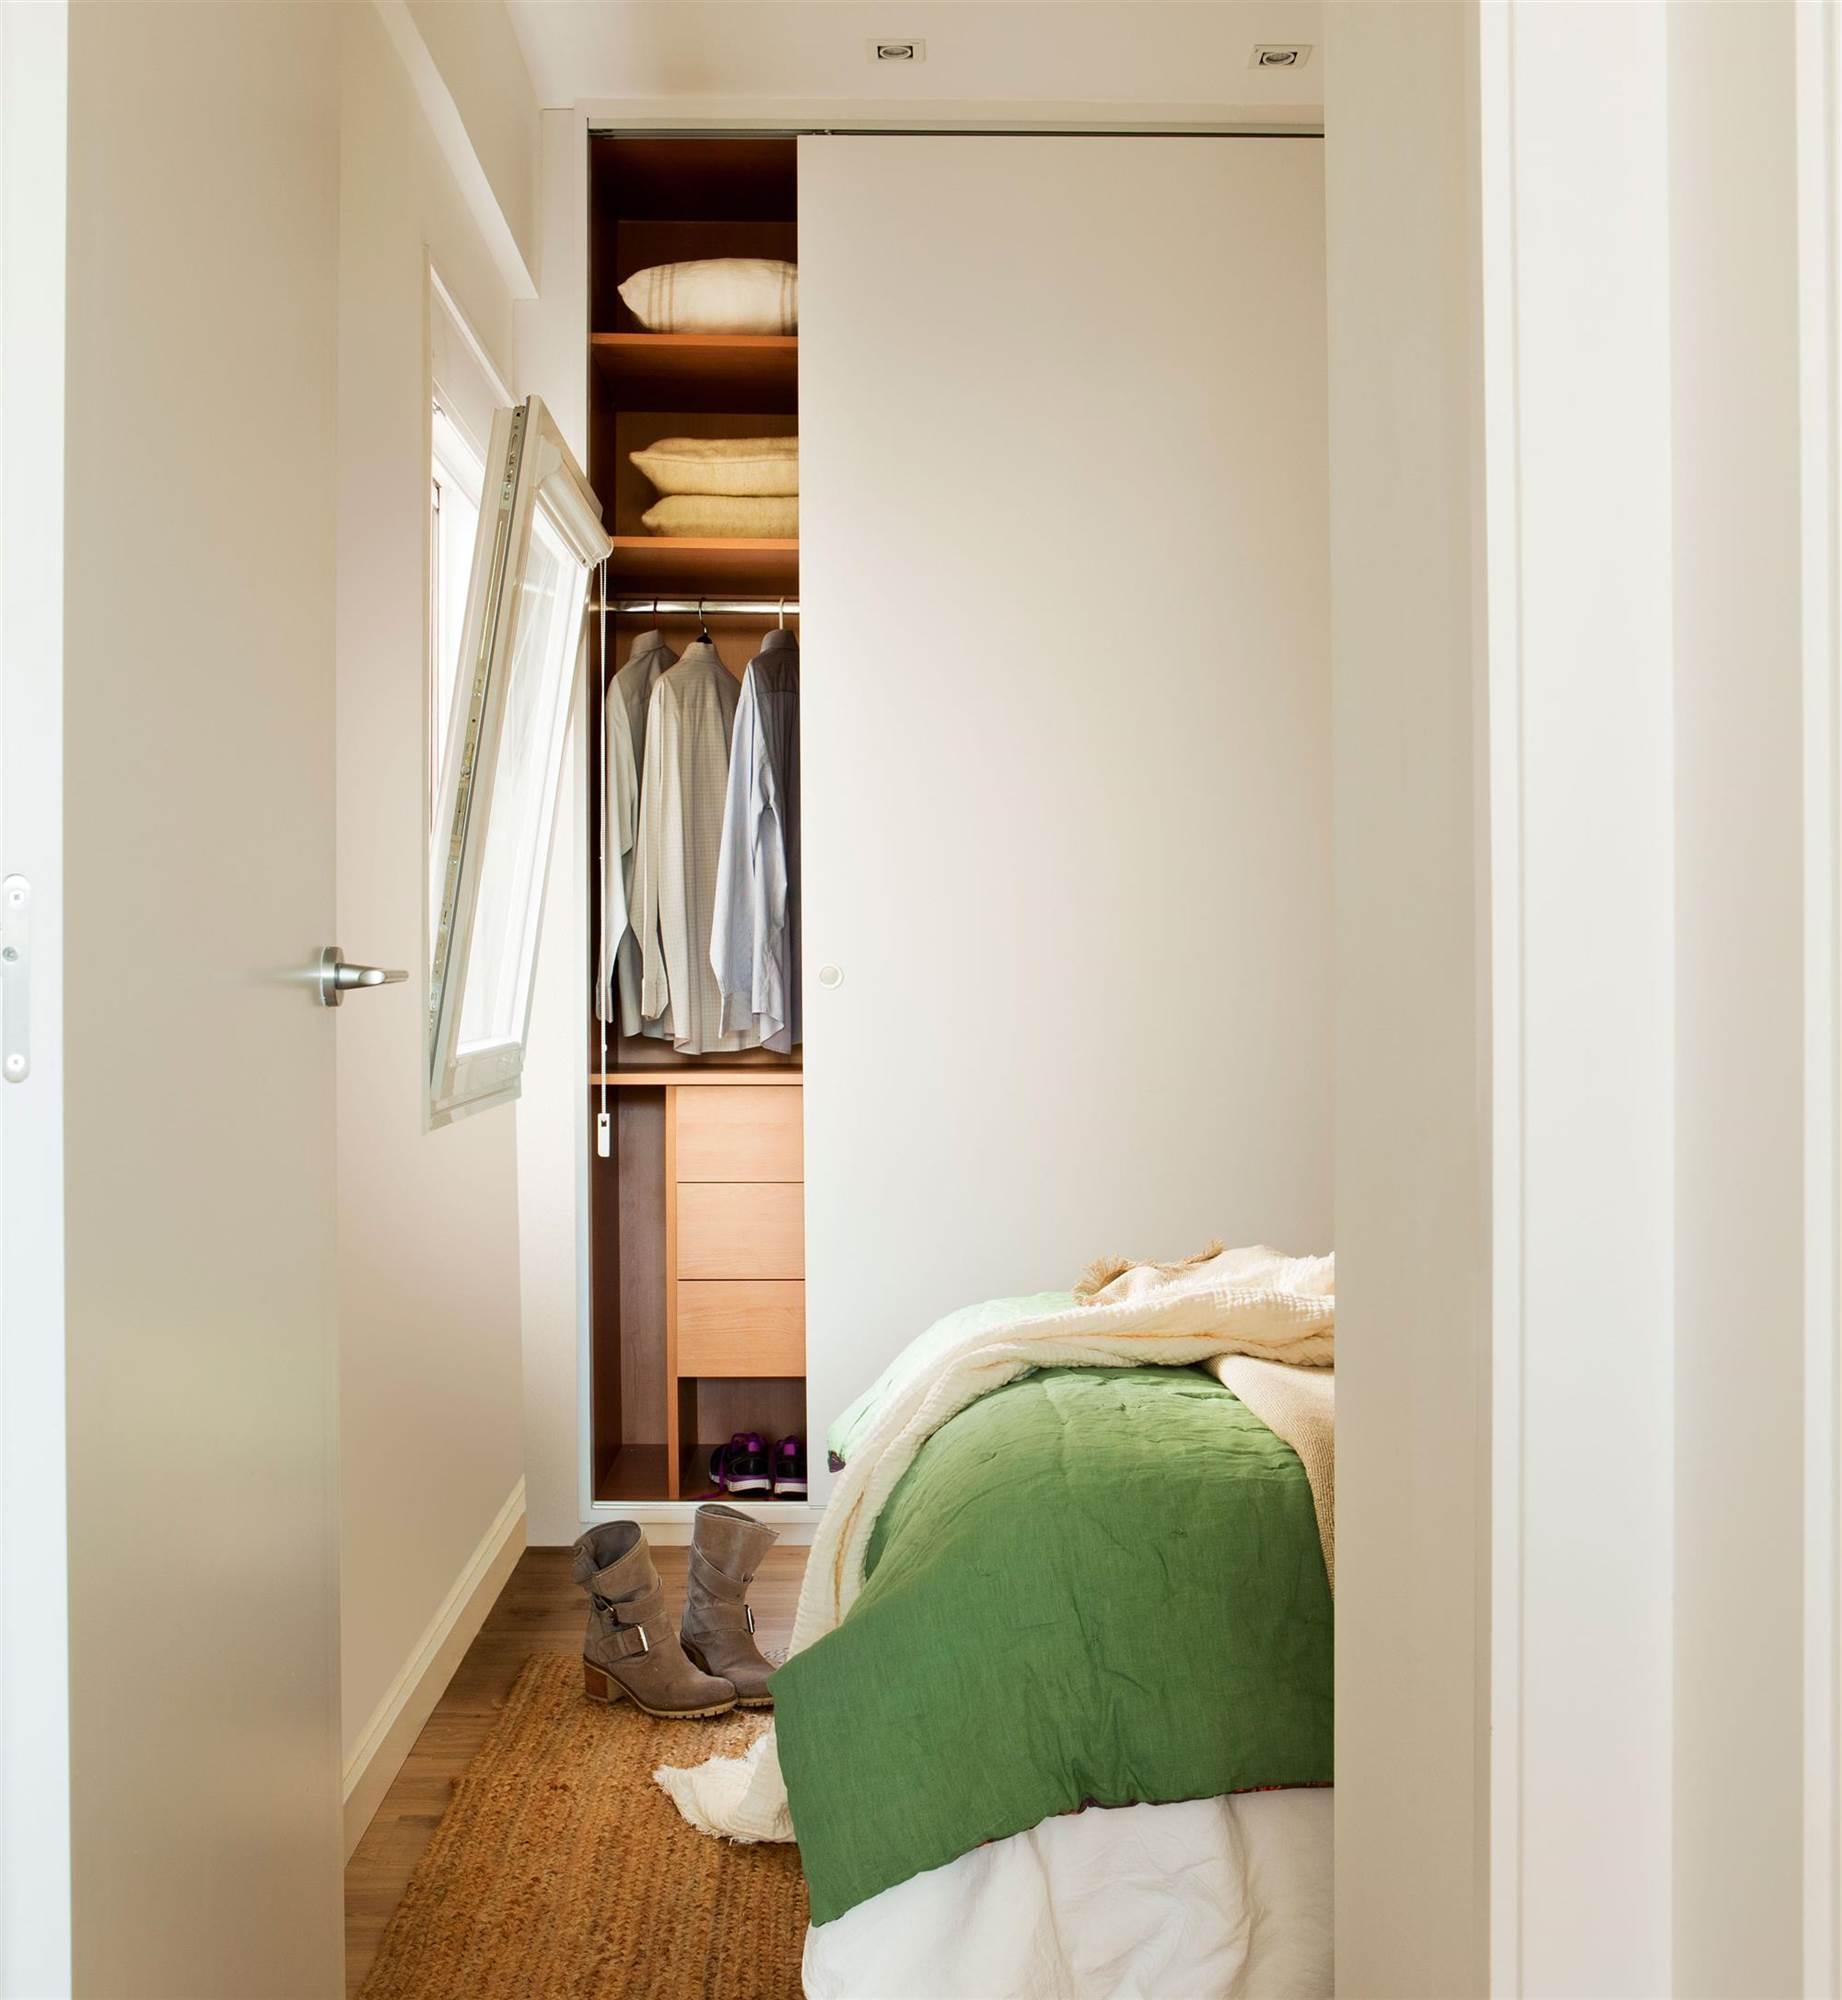 Puertas de armario tipolog as estilos y c mo escogerlas - Armario una puerta ...